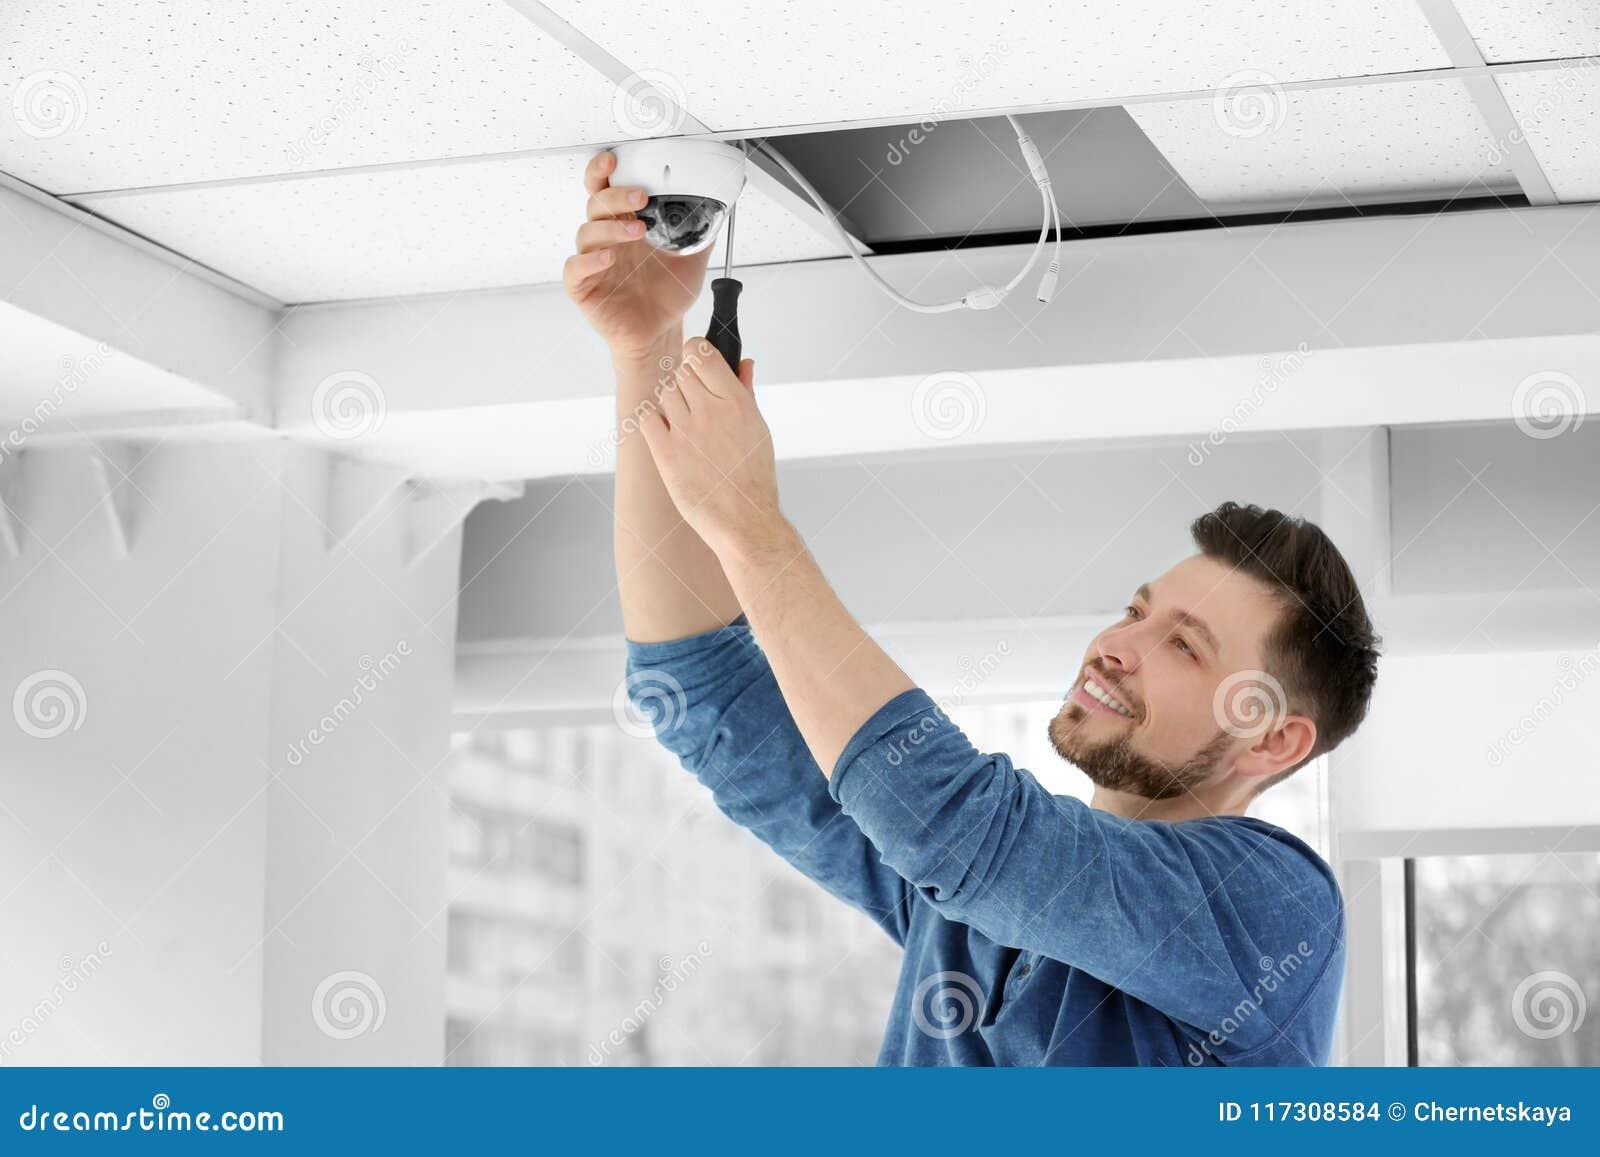 安装CCTV照相机的技术员